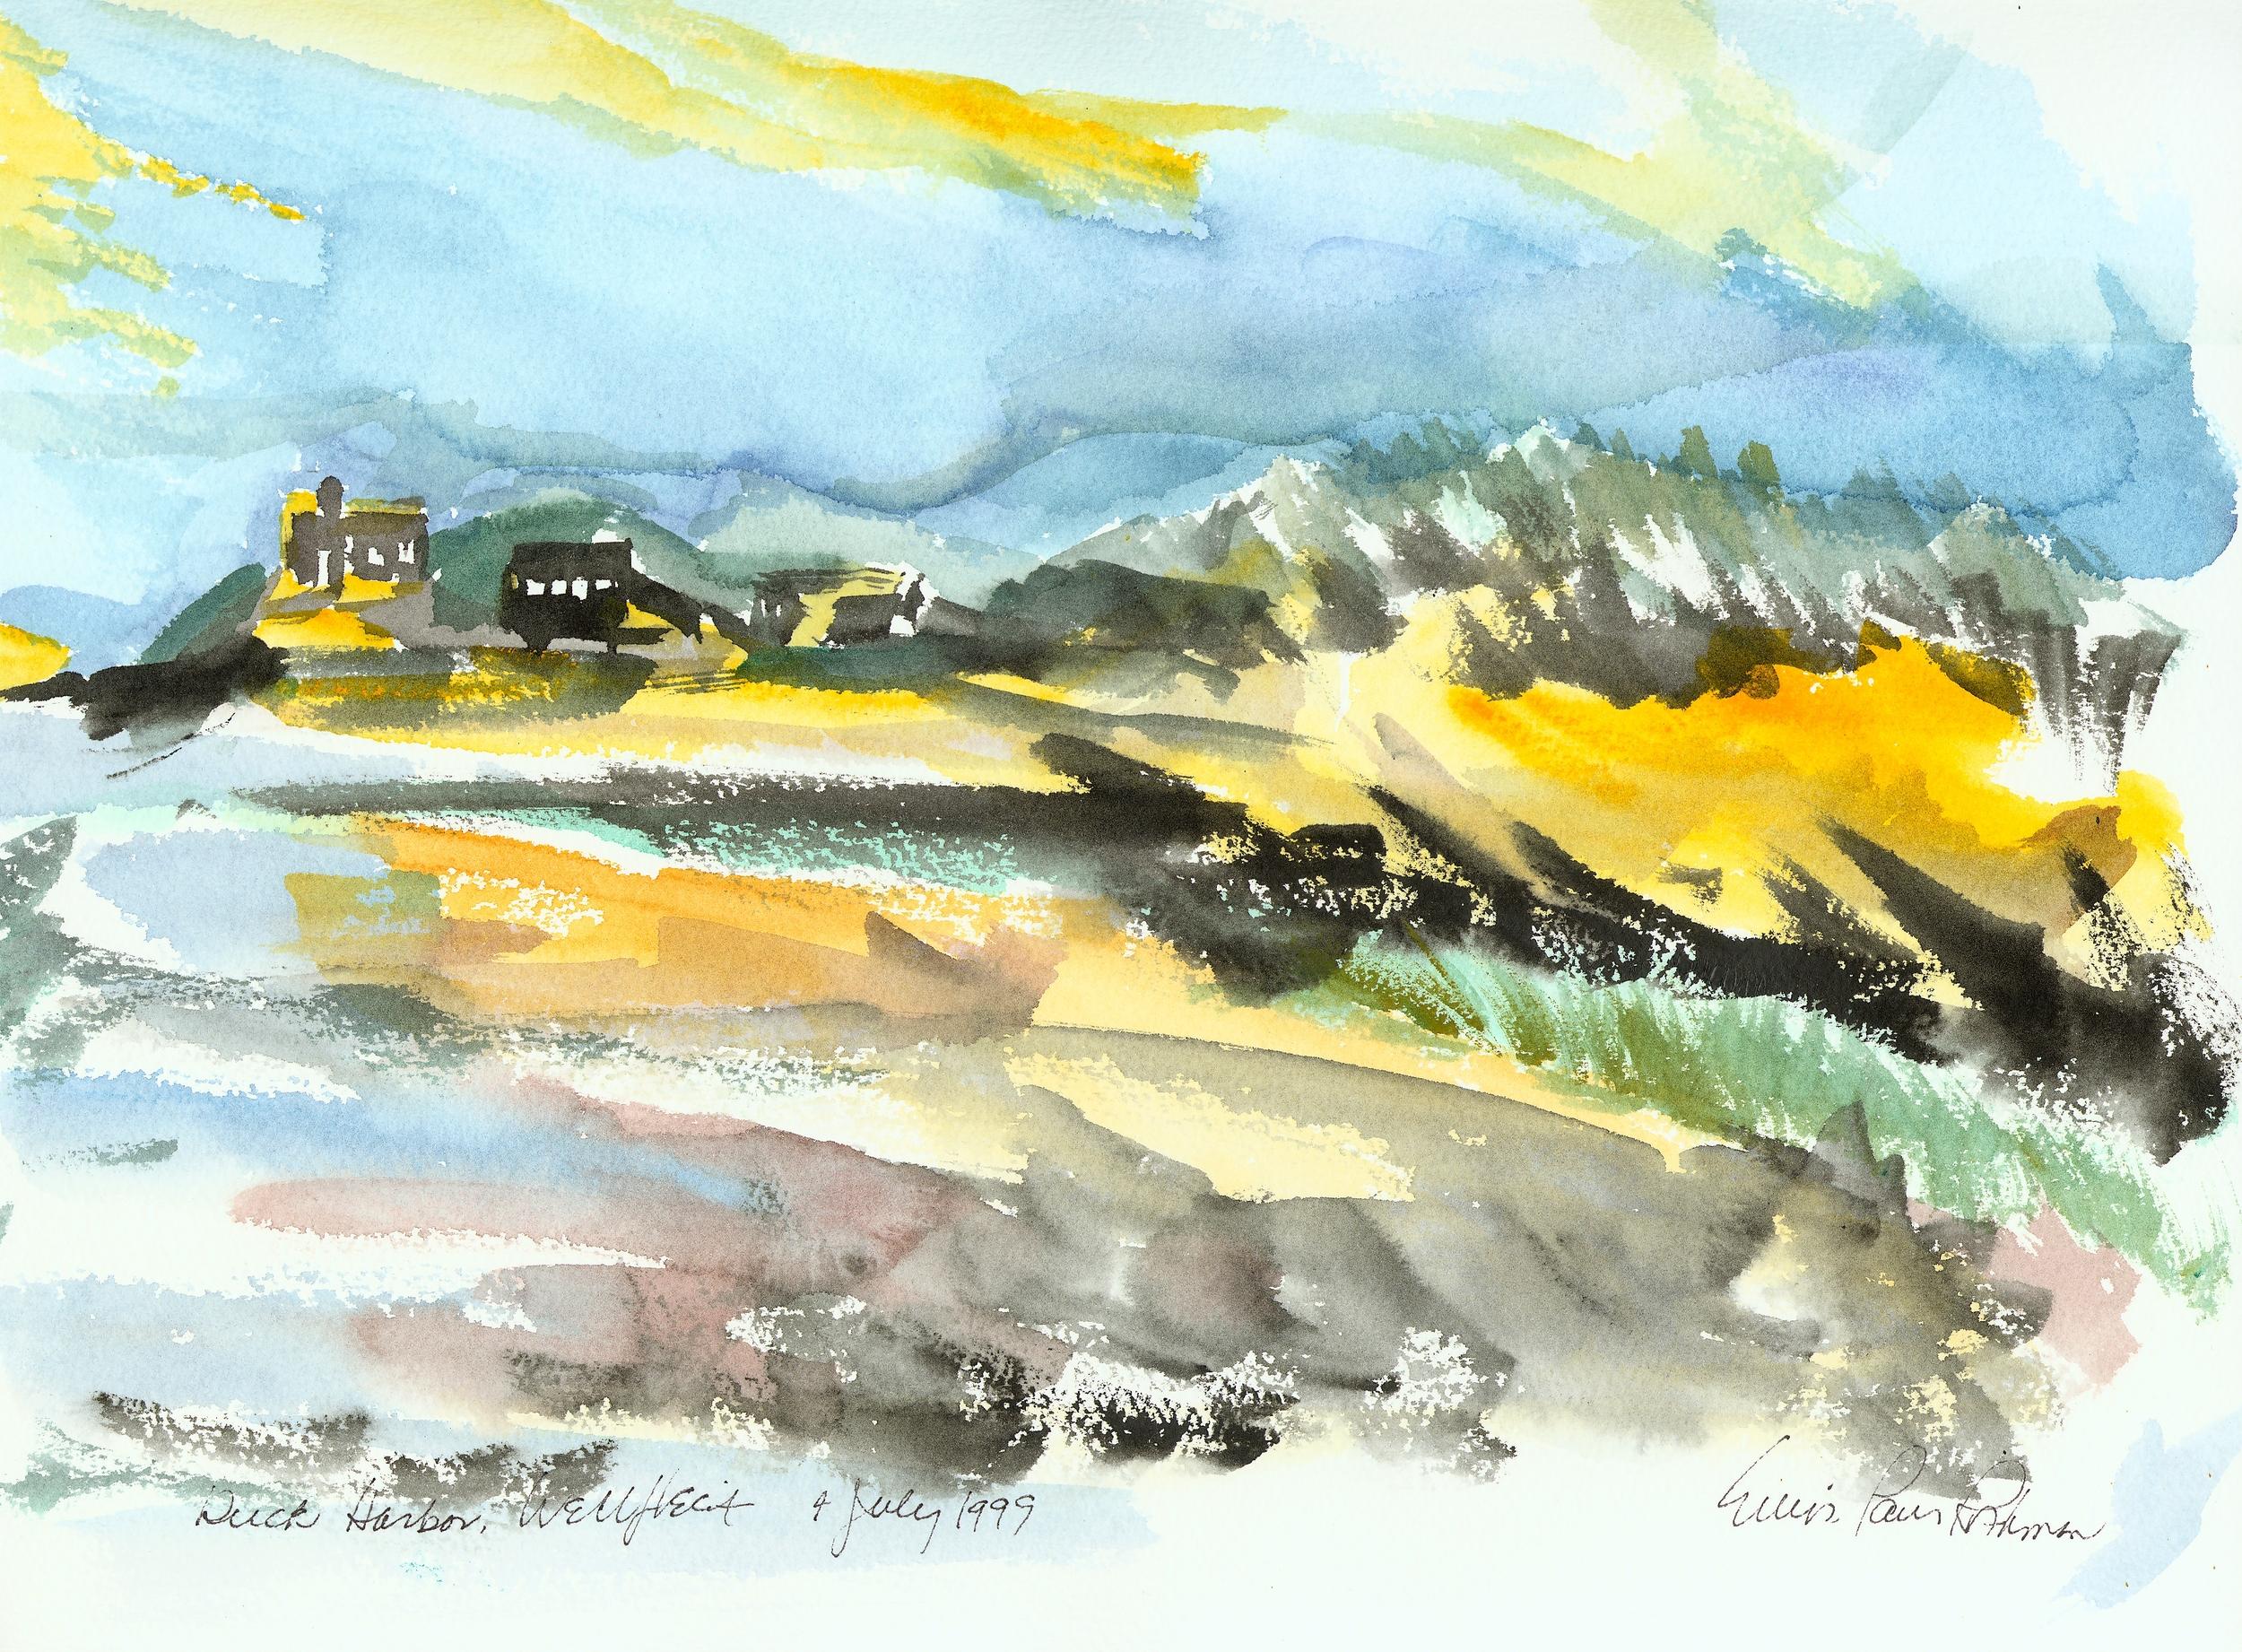 Duck Harbor III, Welfleet